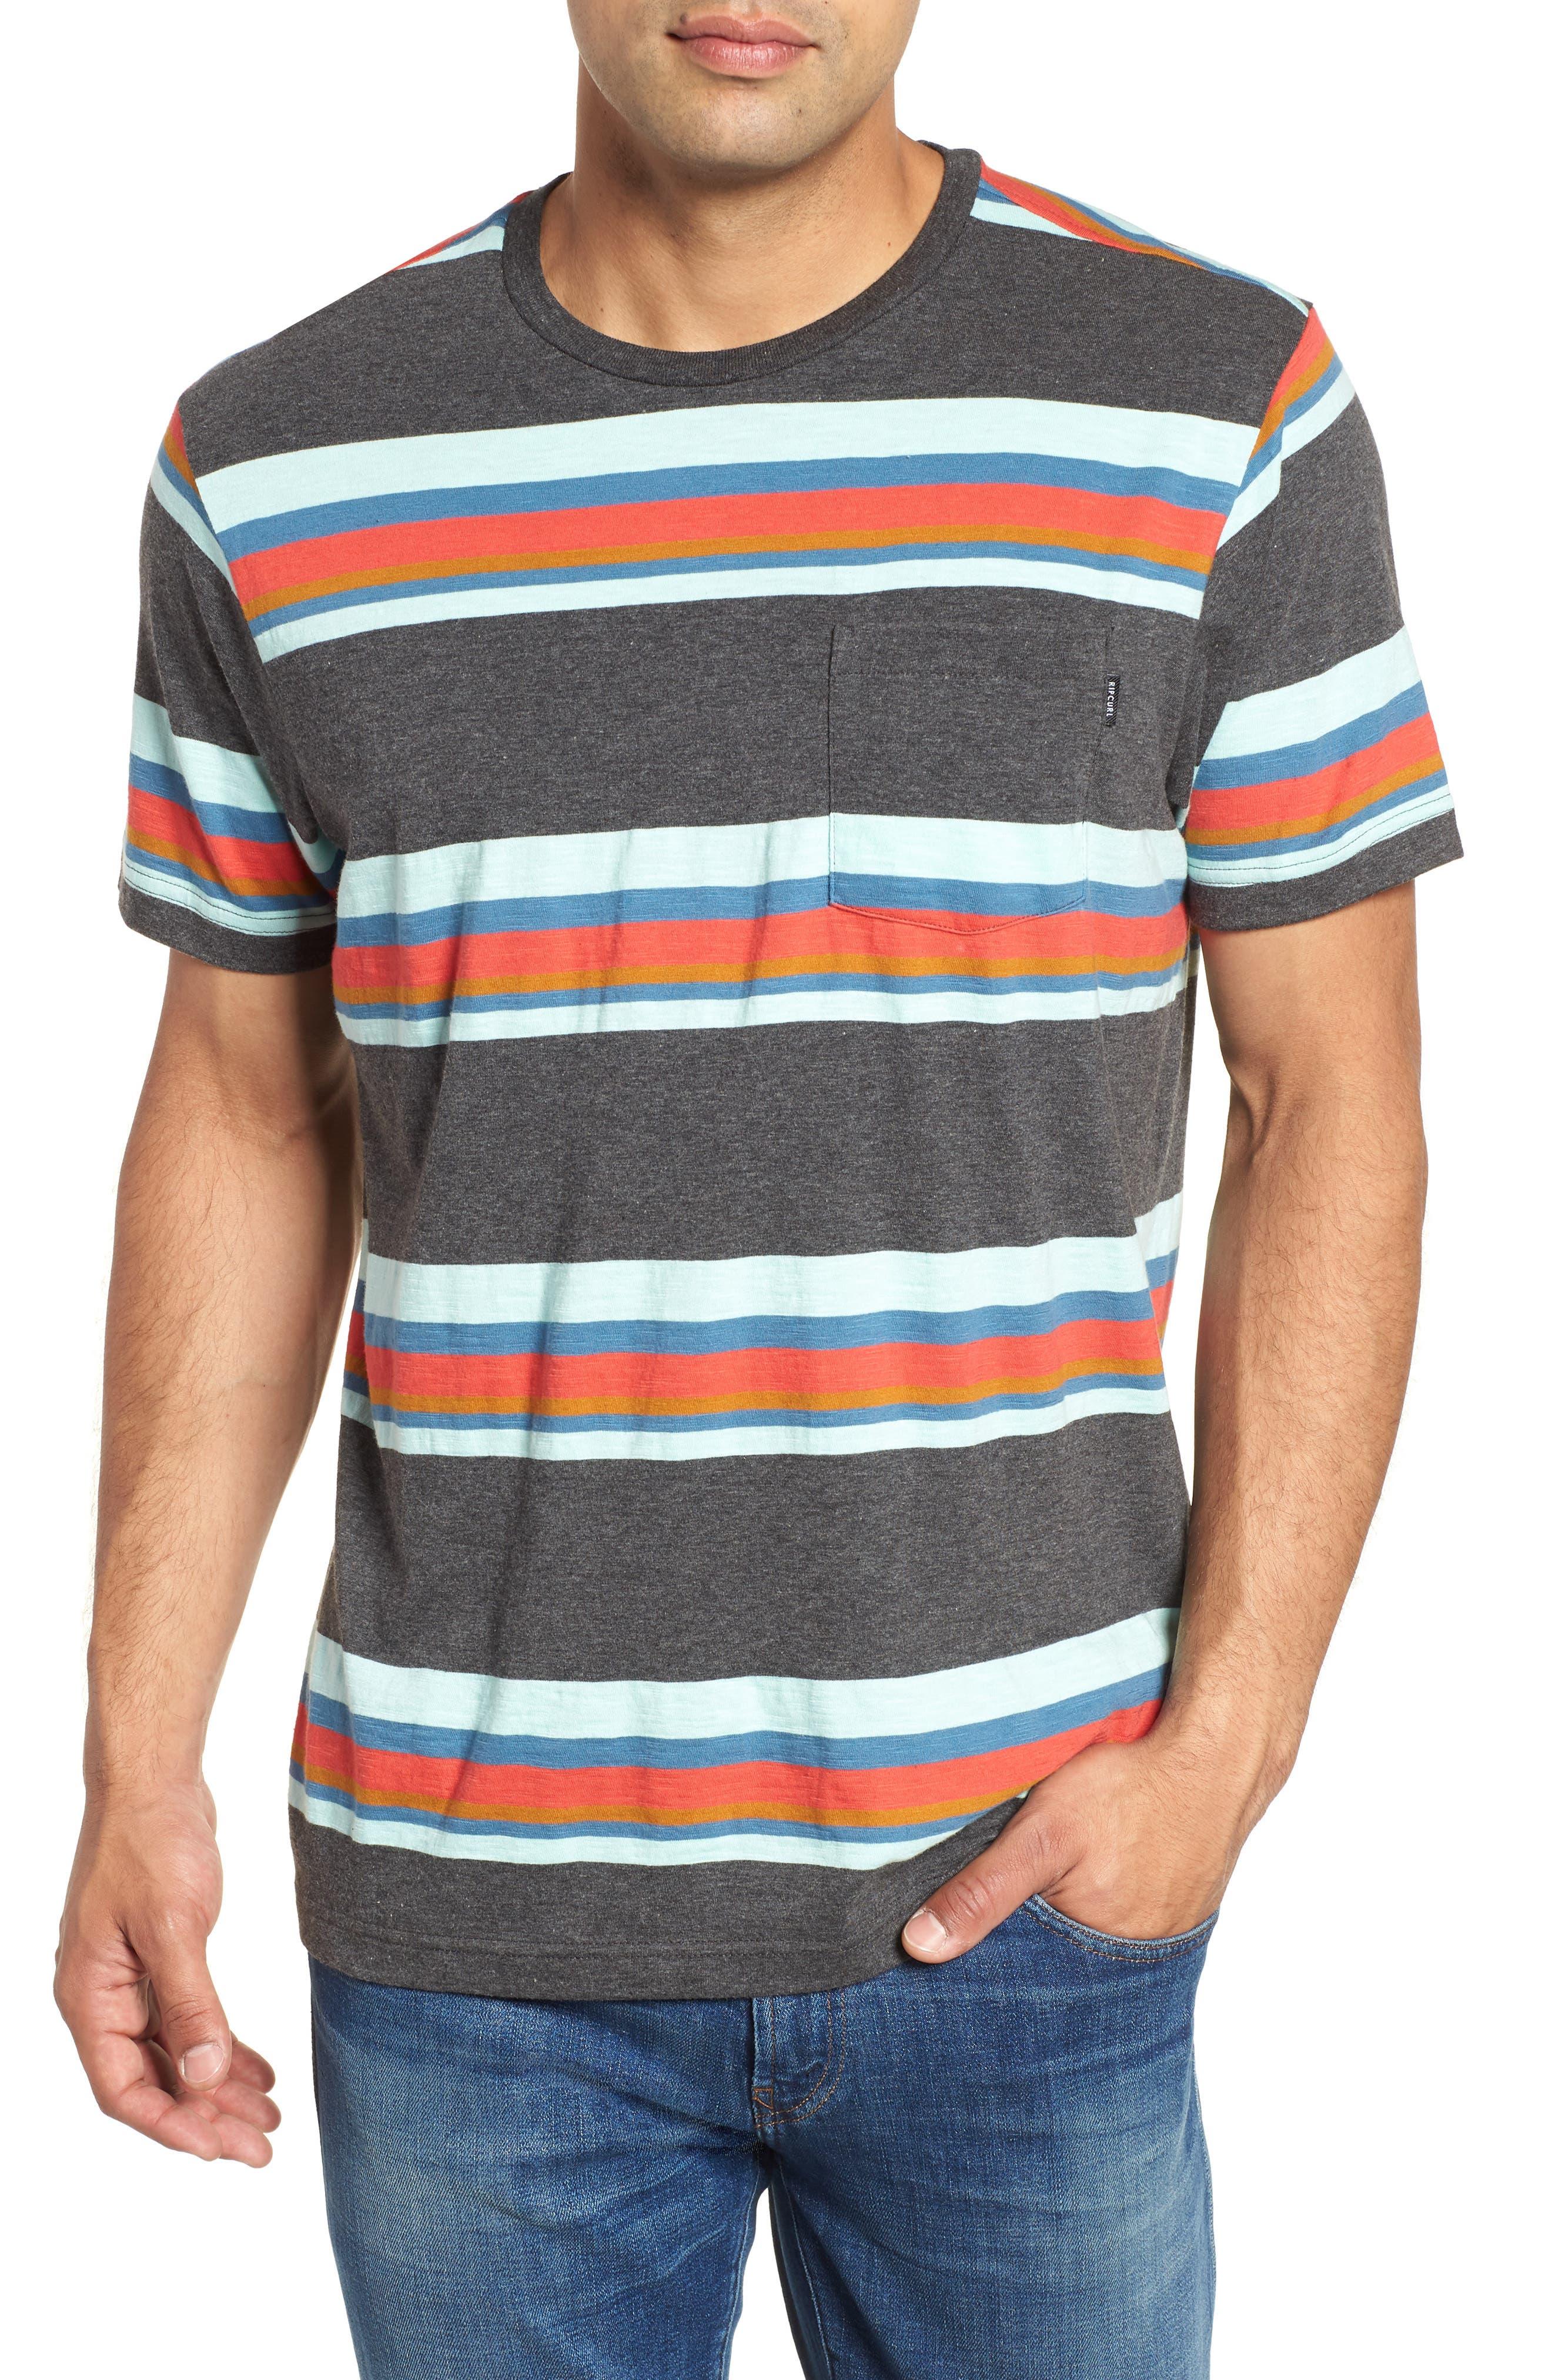 Prospect T-Shirt,                         Main,                         color, 020